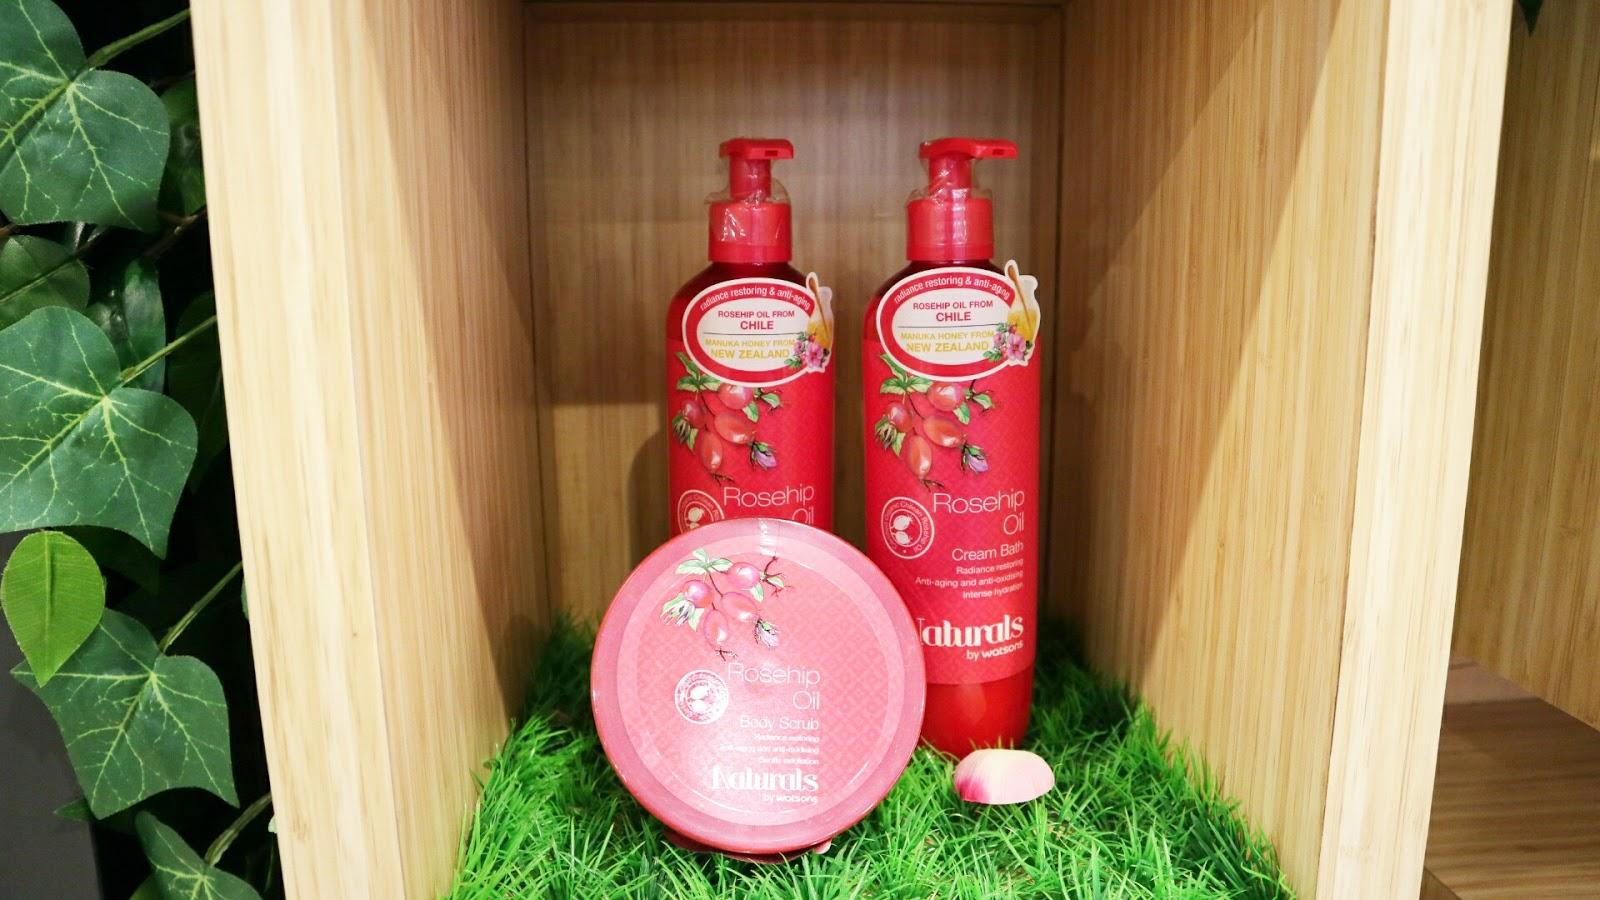 True Beauty Comes From Within Sato Pastaron Cream Produk Produknya Pun Bervariasi Mulai Dari Body Lotion Shower Gel Scrub Sampe Ke Hand Ada